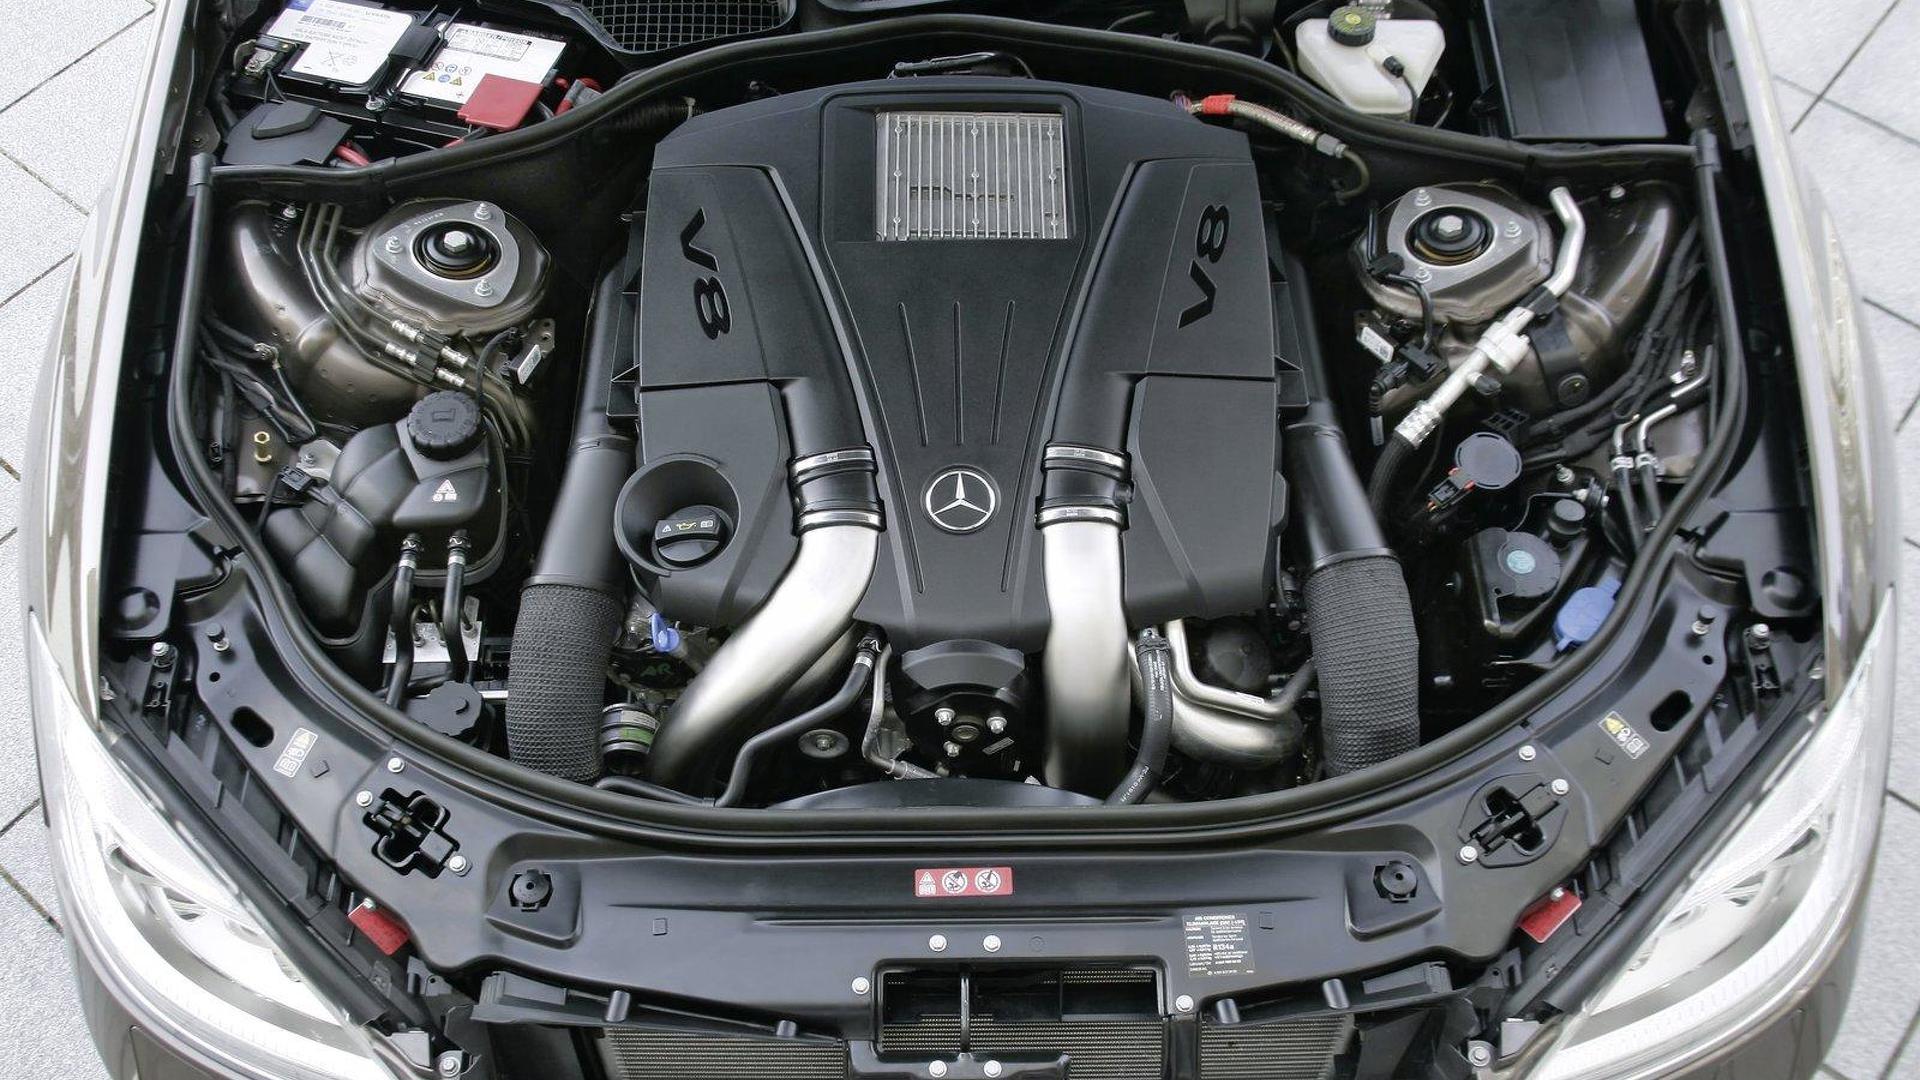 New Mercedes engines: 4.6-liter V8 biturbo and 3.5-liter V6 official ...